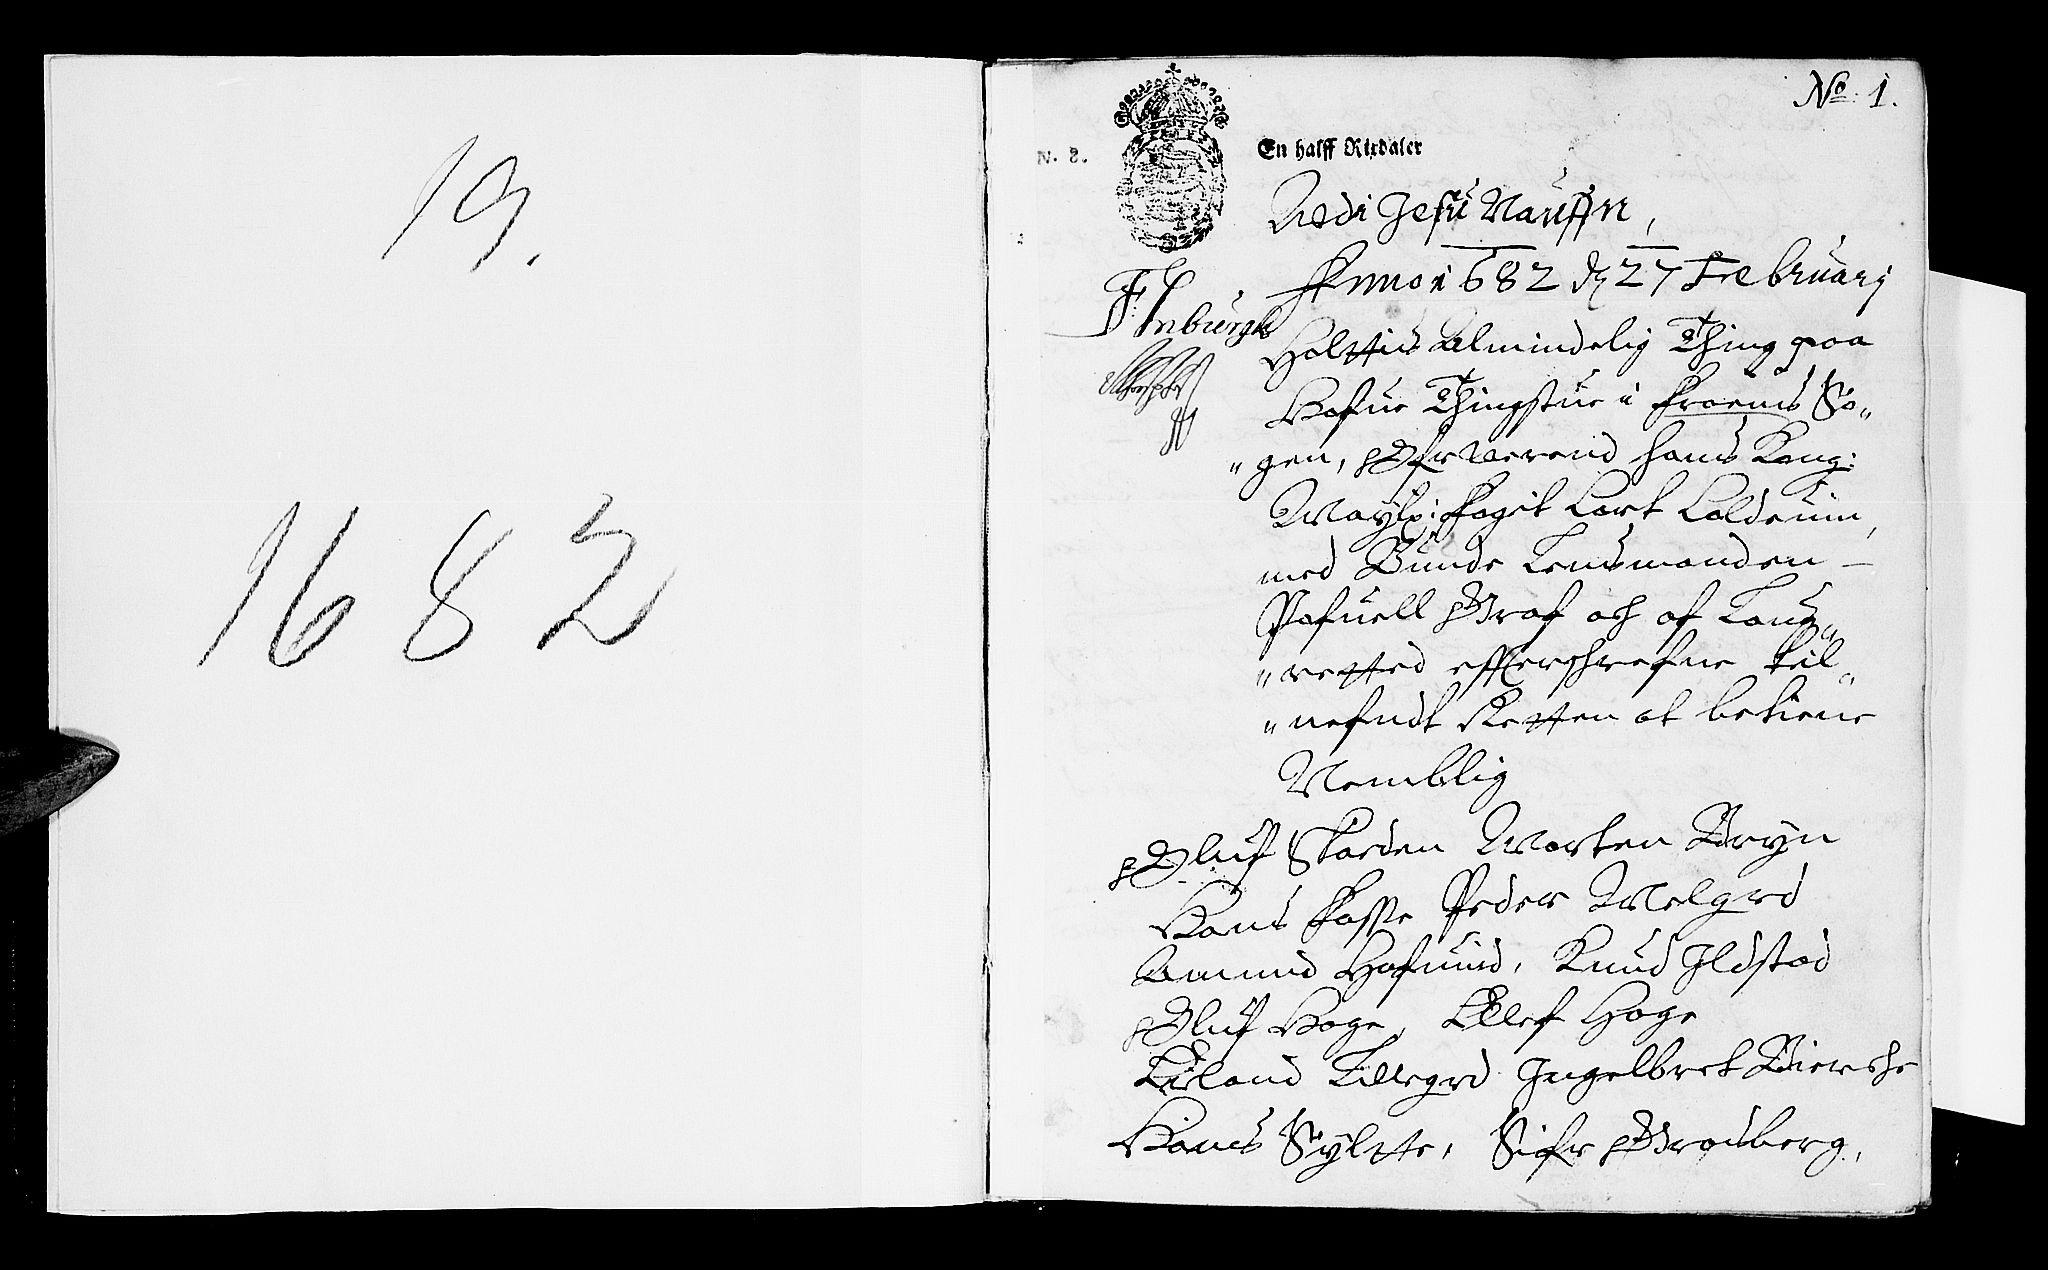 SAH, Sorenskriverier i Gudbrandsdalen, G/Gb/Gba/L0018: Tingbok - Nord-Gudbrandsdal, 1682, s. 0b-1a